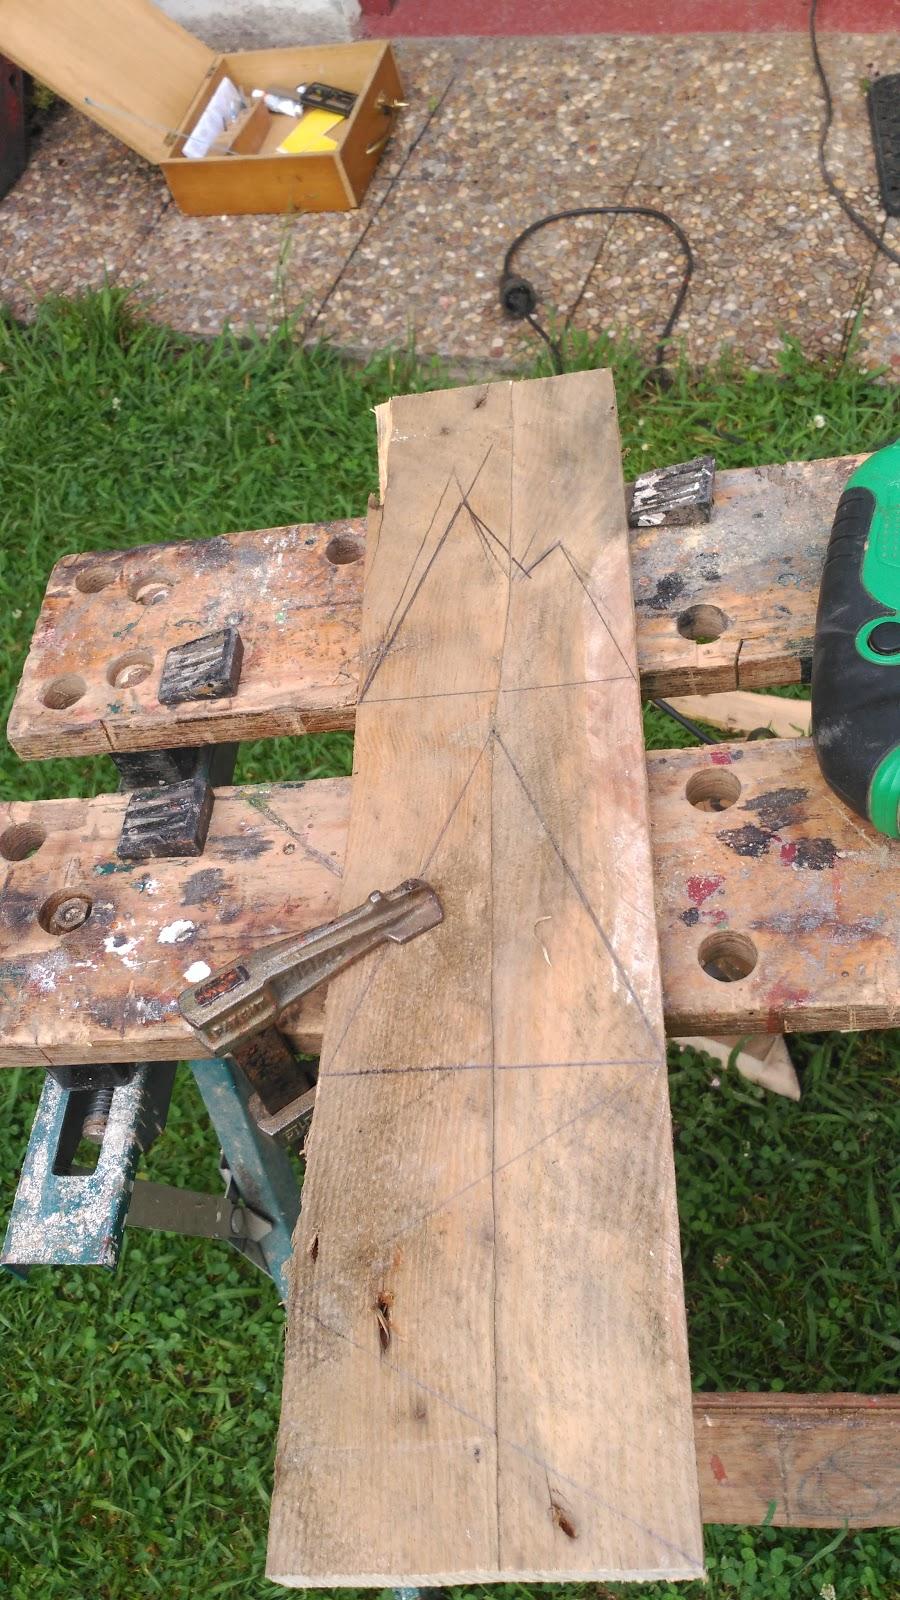 Las cosas de bego c mo hacer colgadores de madera for Colgadores de madera